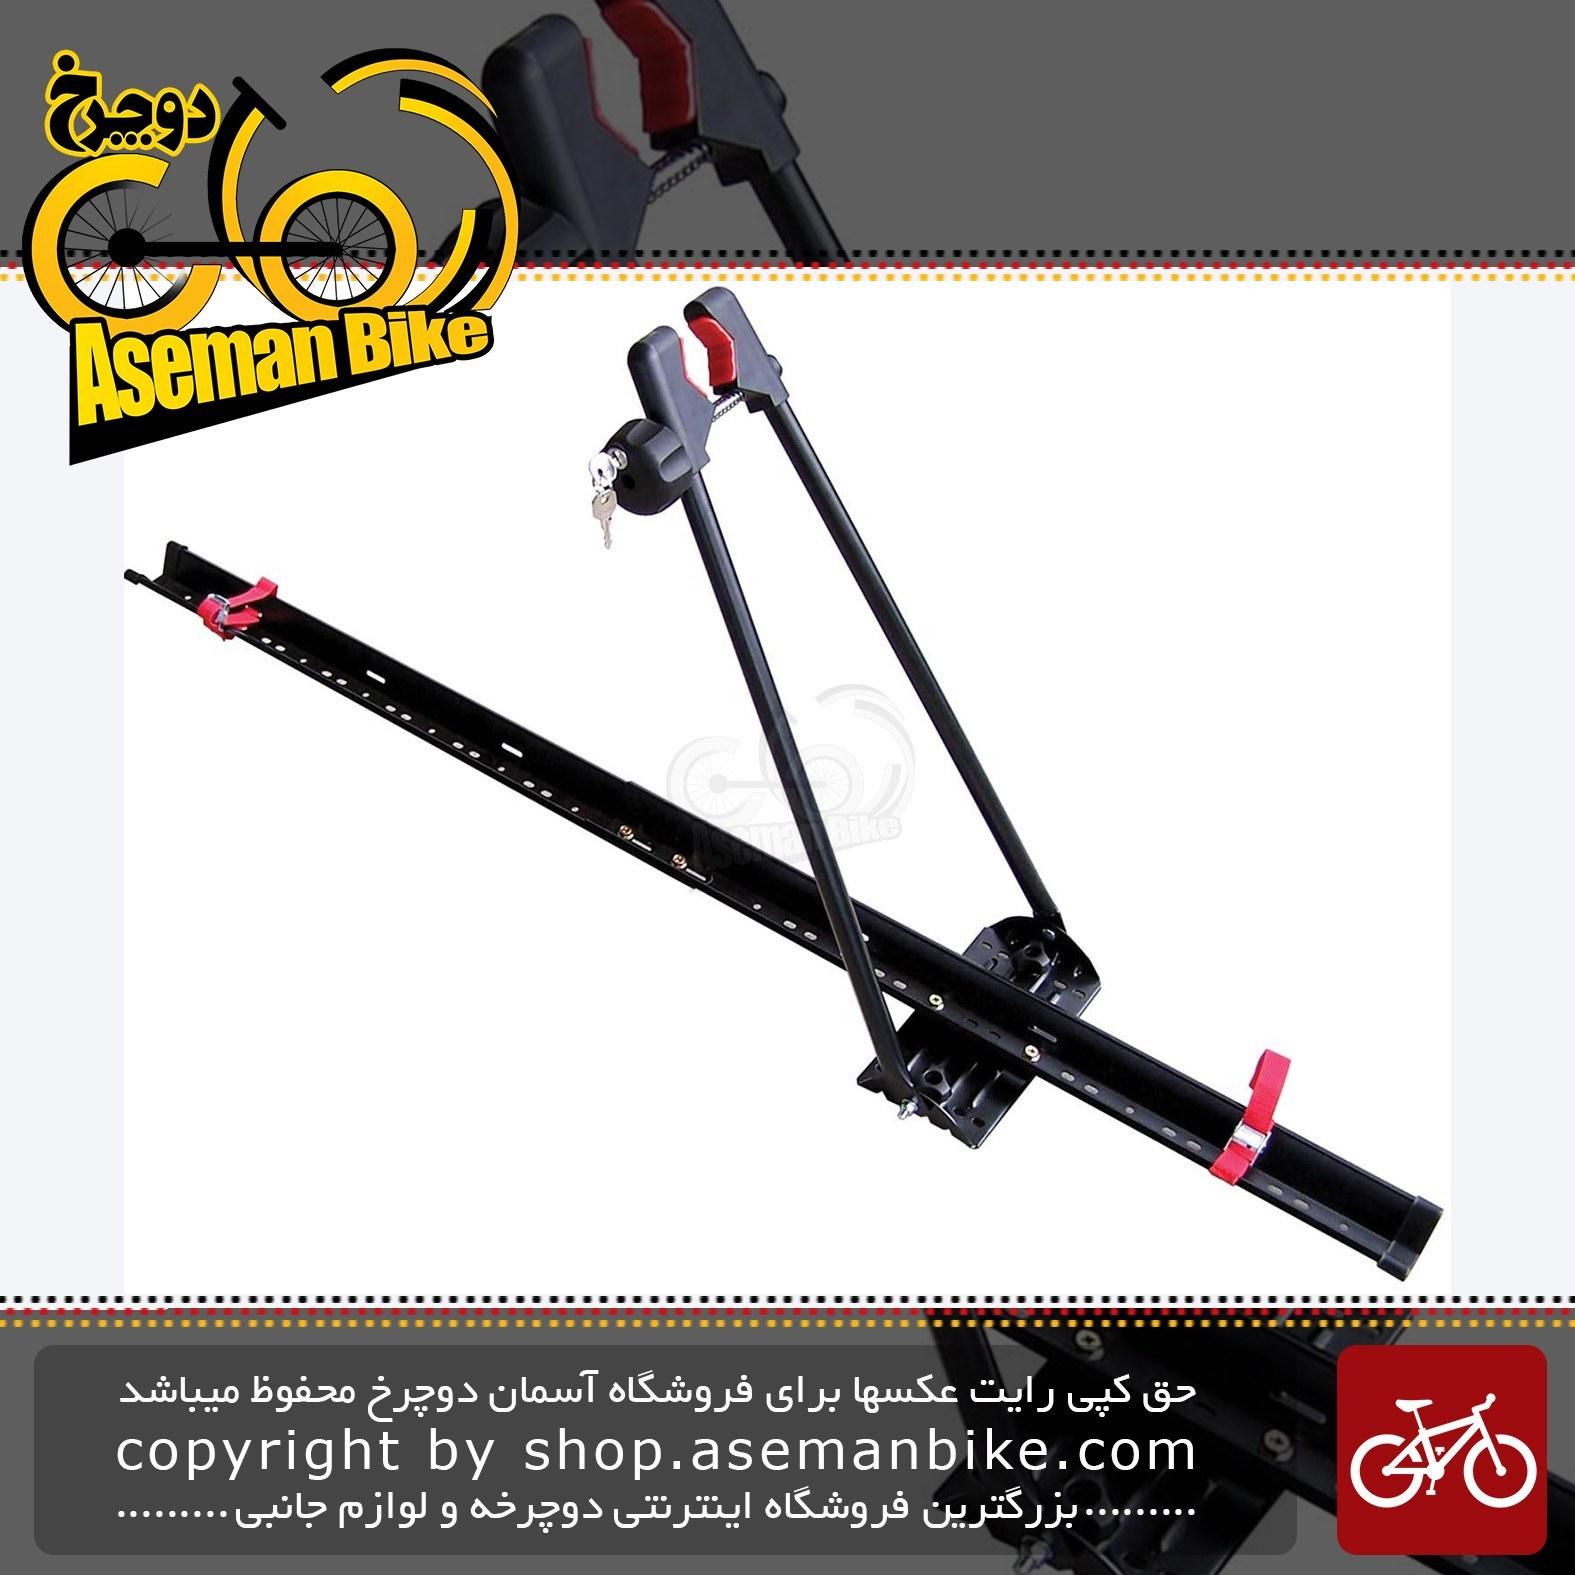 تصویر باربند سقفی حمل دوچرخه جهت حکل با ماشین برند ترکام مدل 6410 ساخت تایوان Tercom Upright Roof Mount Bike Rack 6410 Made In Taiwan